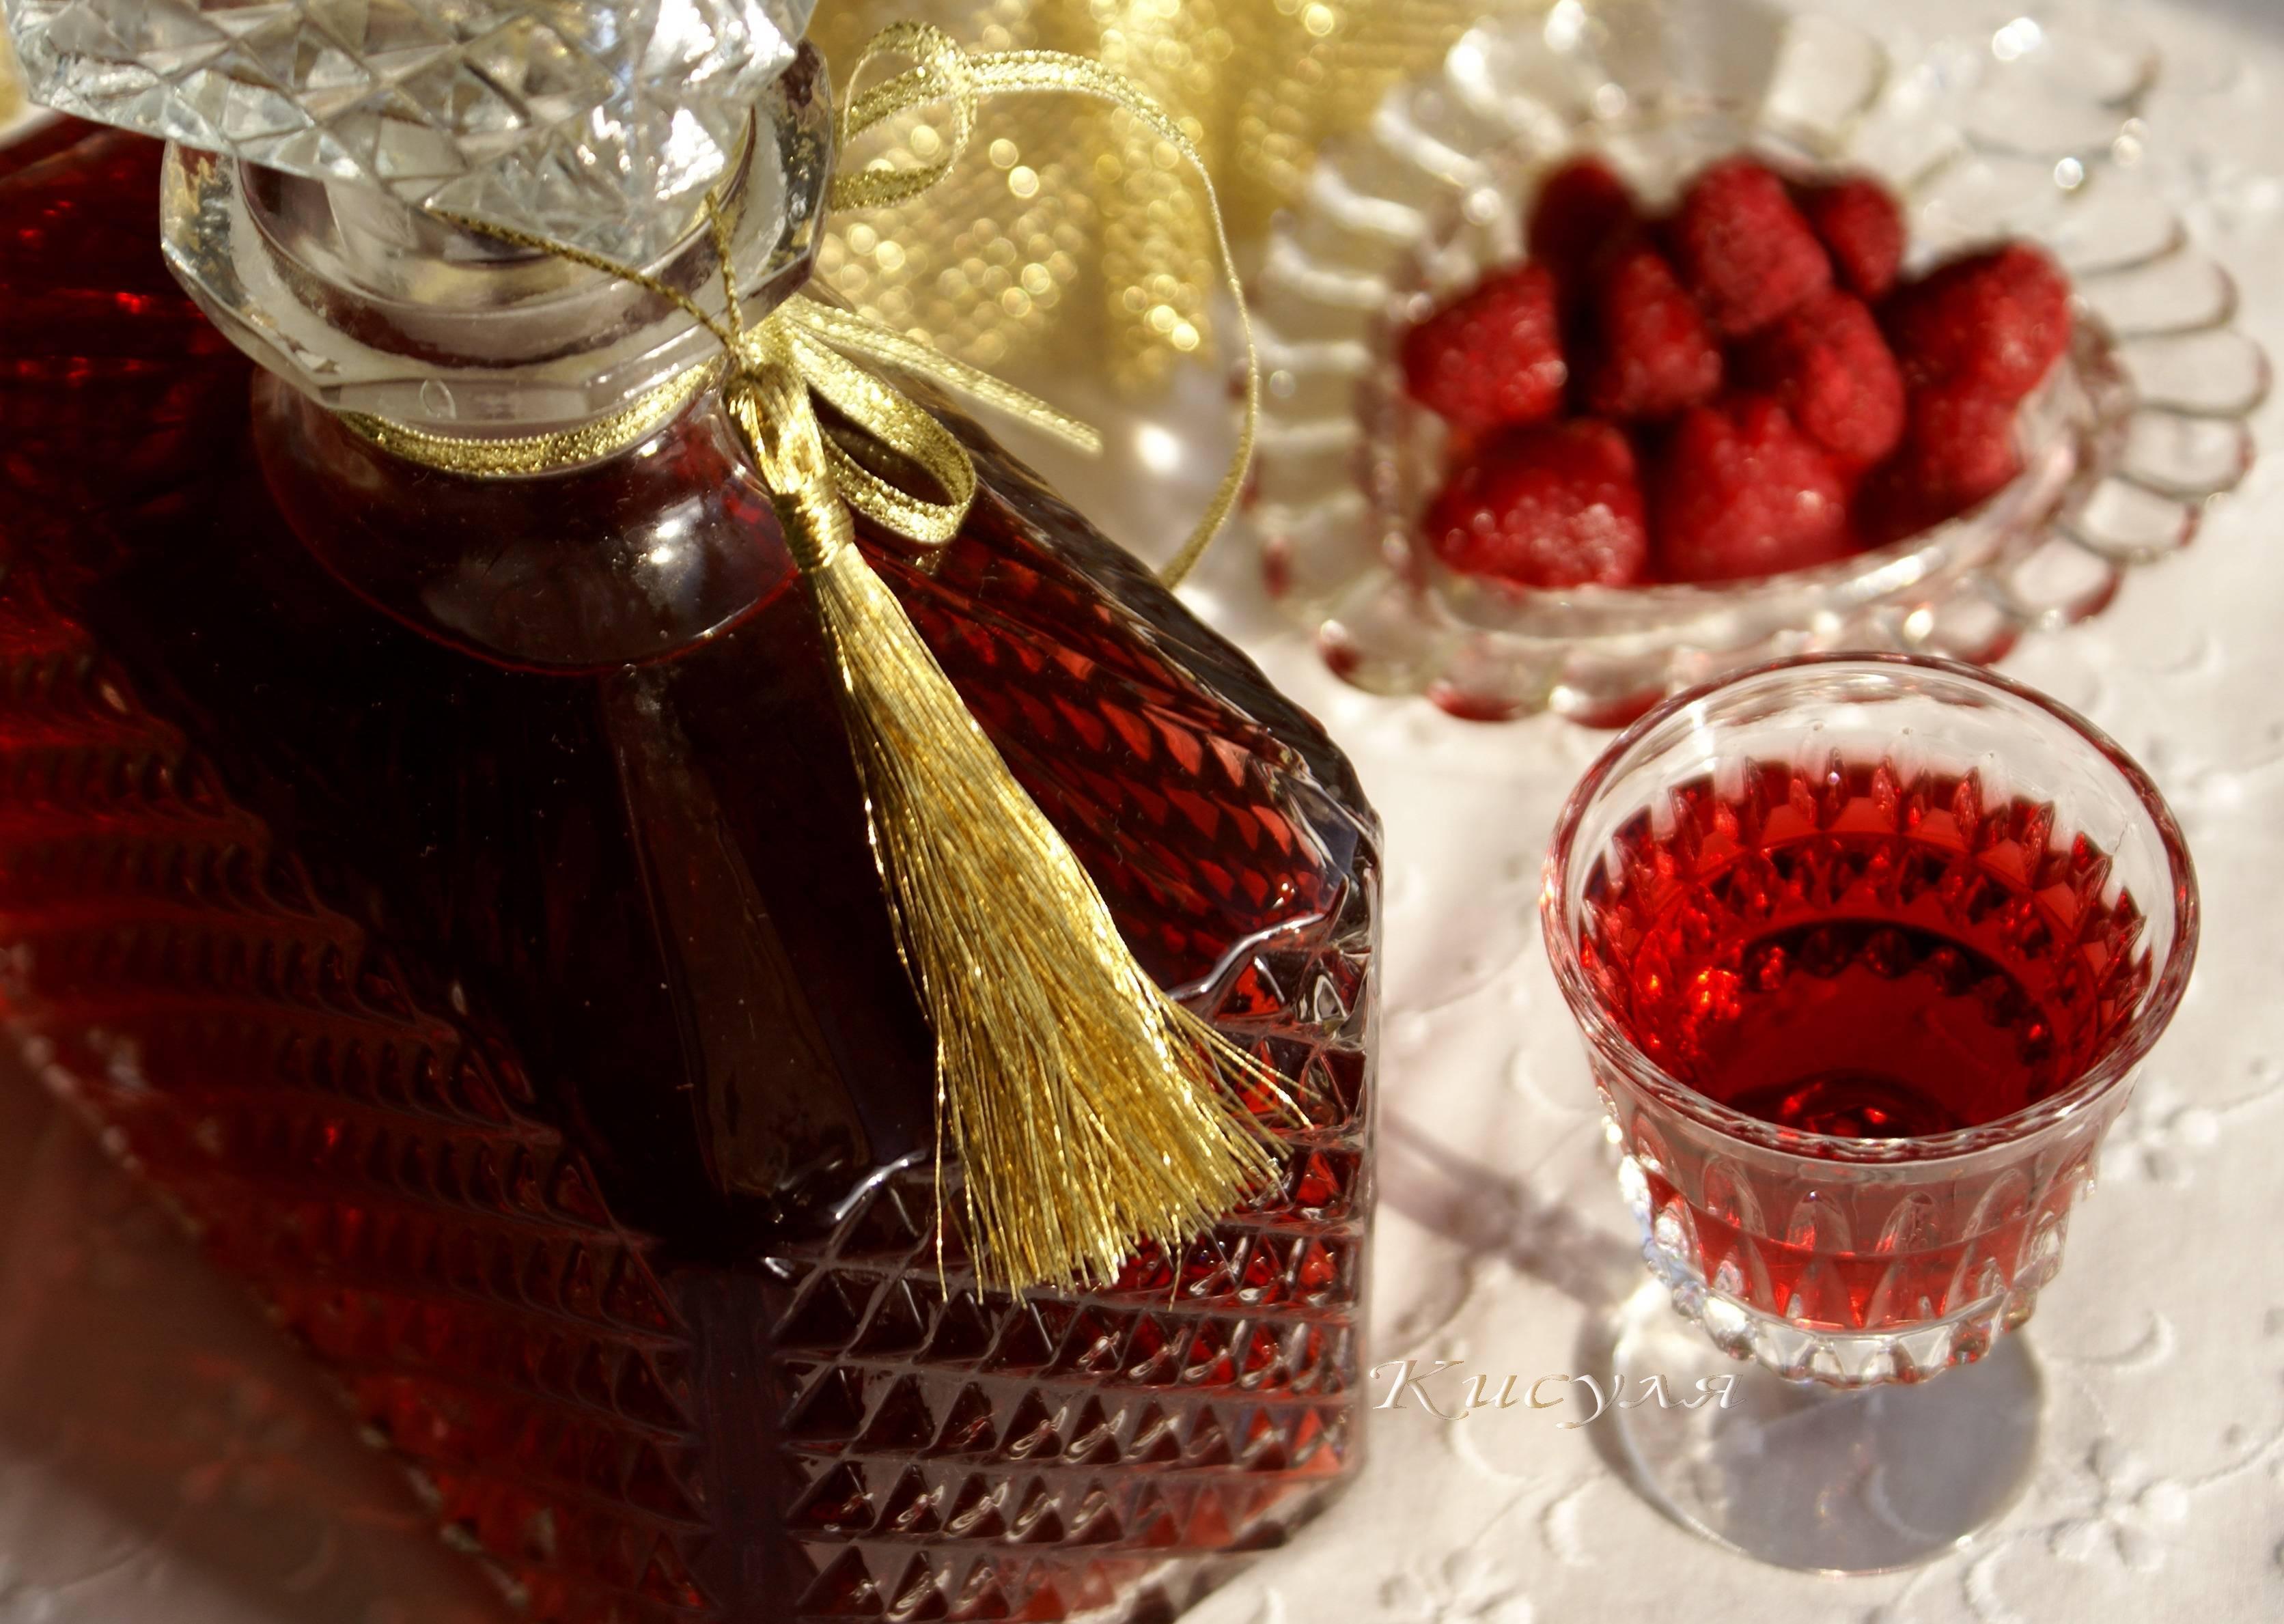 Вишневая наливка: рецепты в домашних условиях на водке, на спирту, а также как сделать своими руками без алкоголя